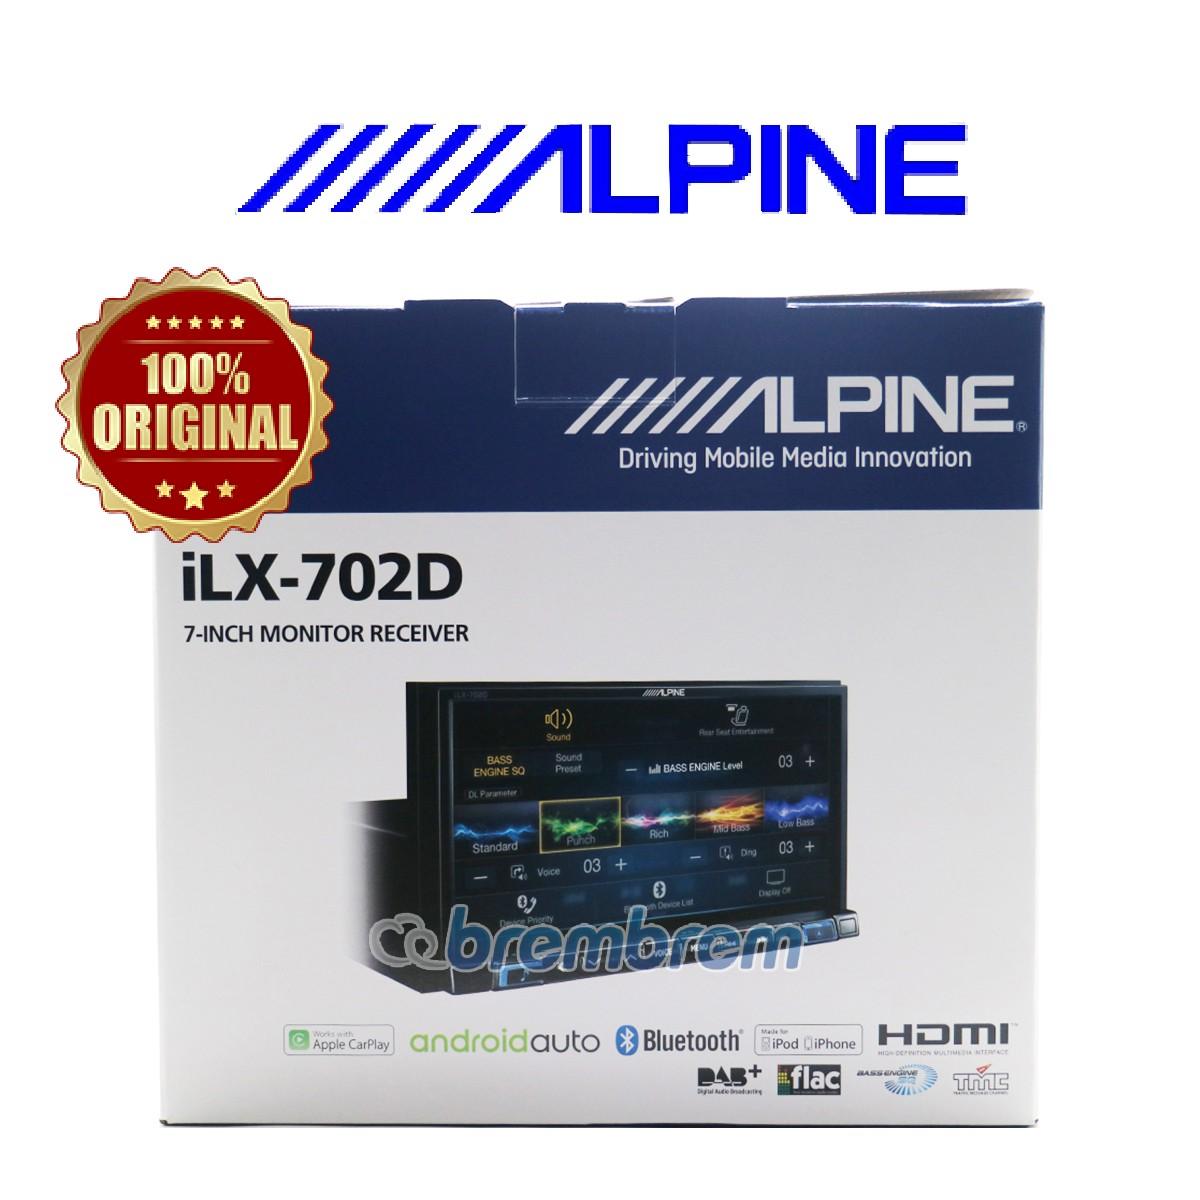 ALPINE iLX-702D - HEADUNIT DOUBLE DIN